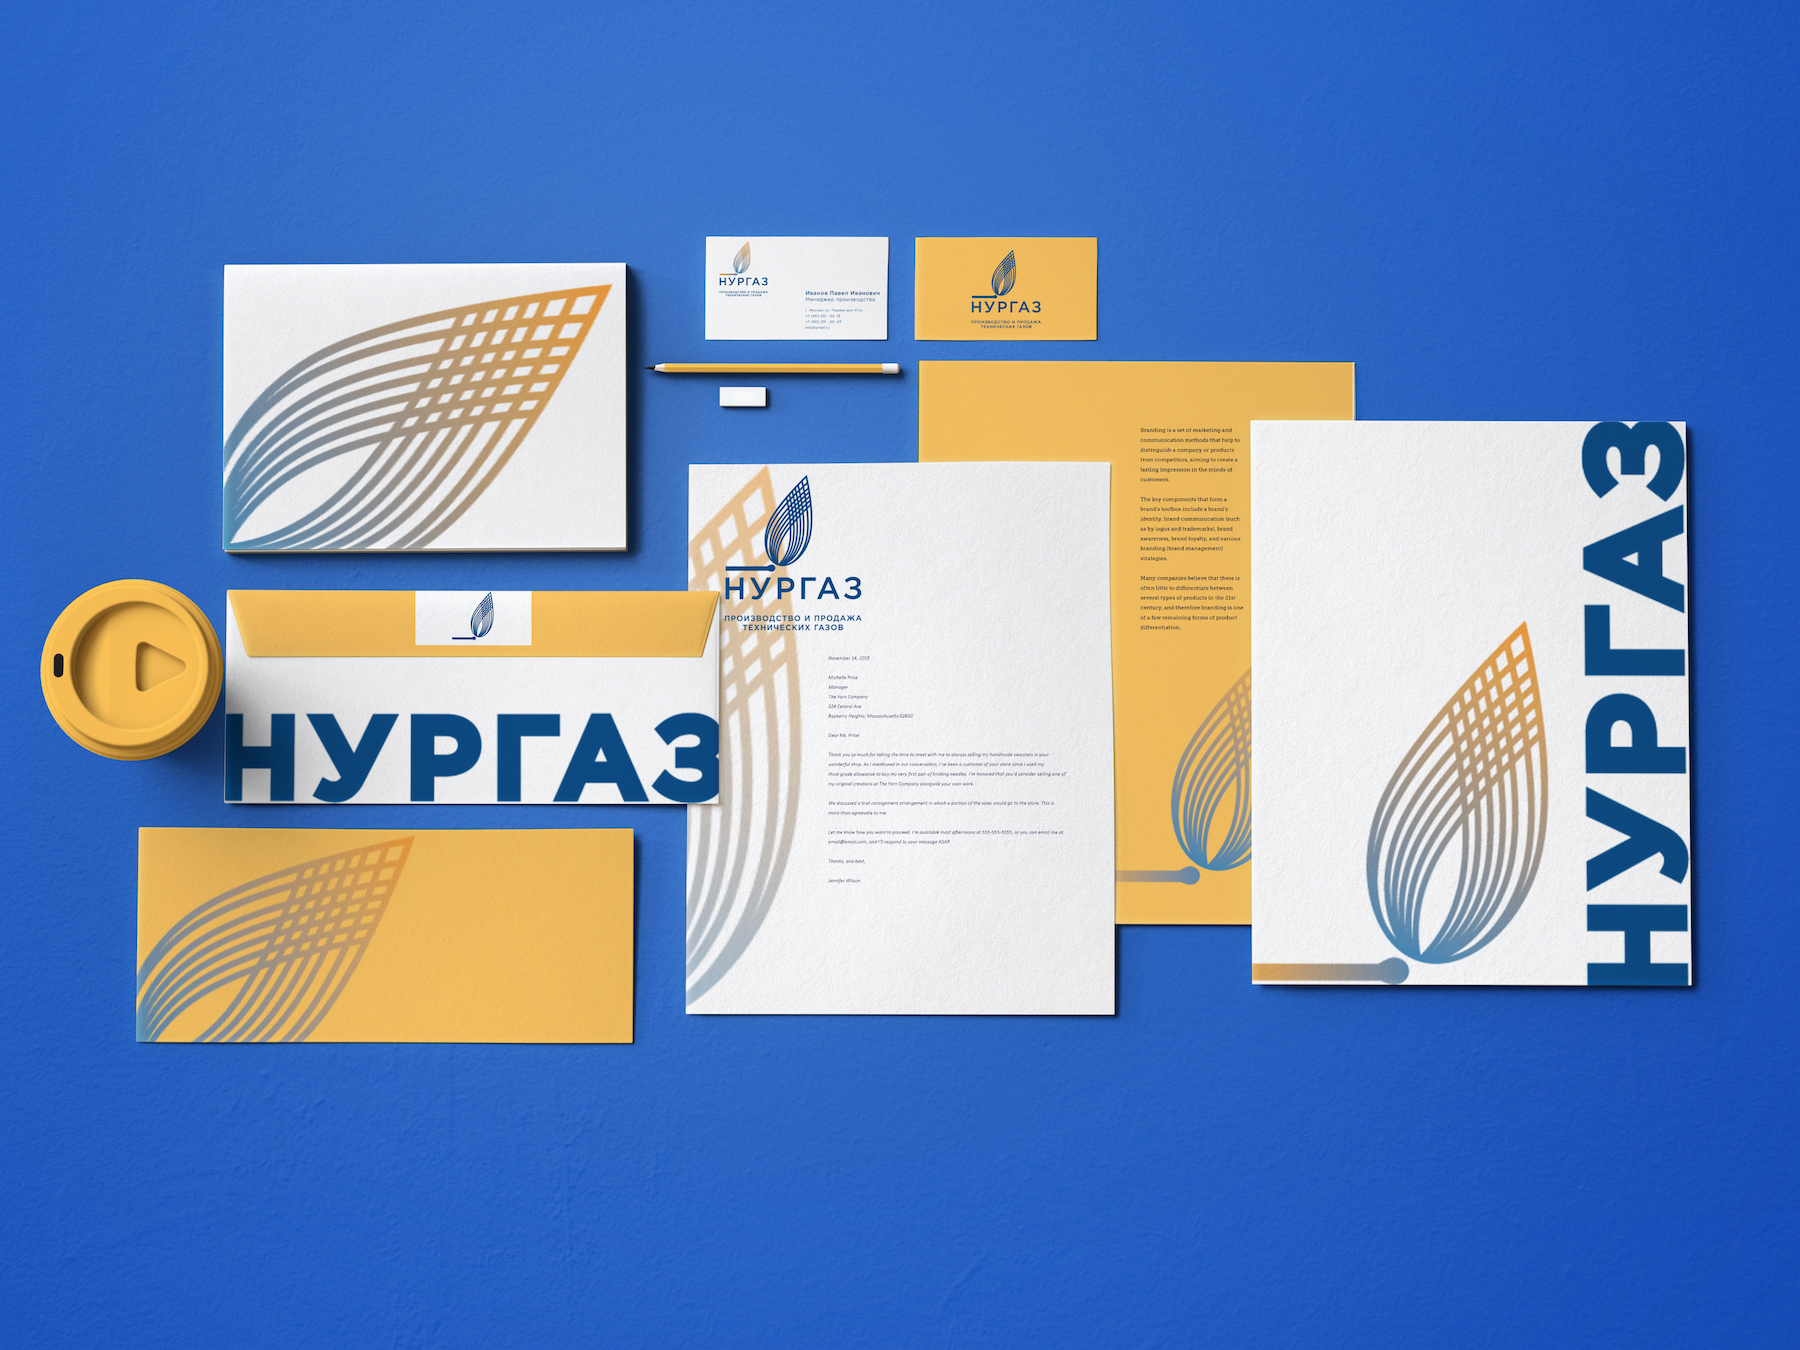 Разработка логотипа и фирменного стиля фото f_2415d9b221d30f45.jpg